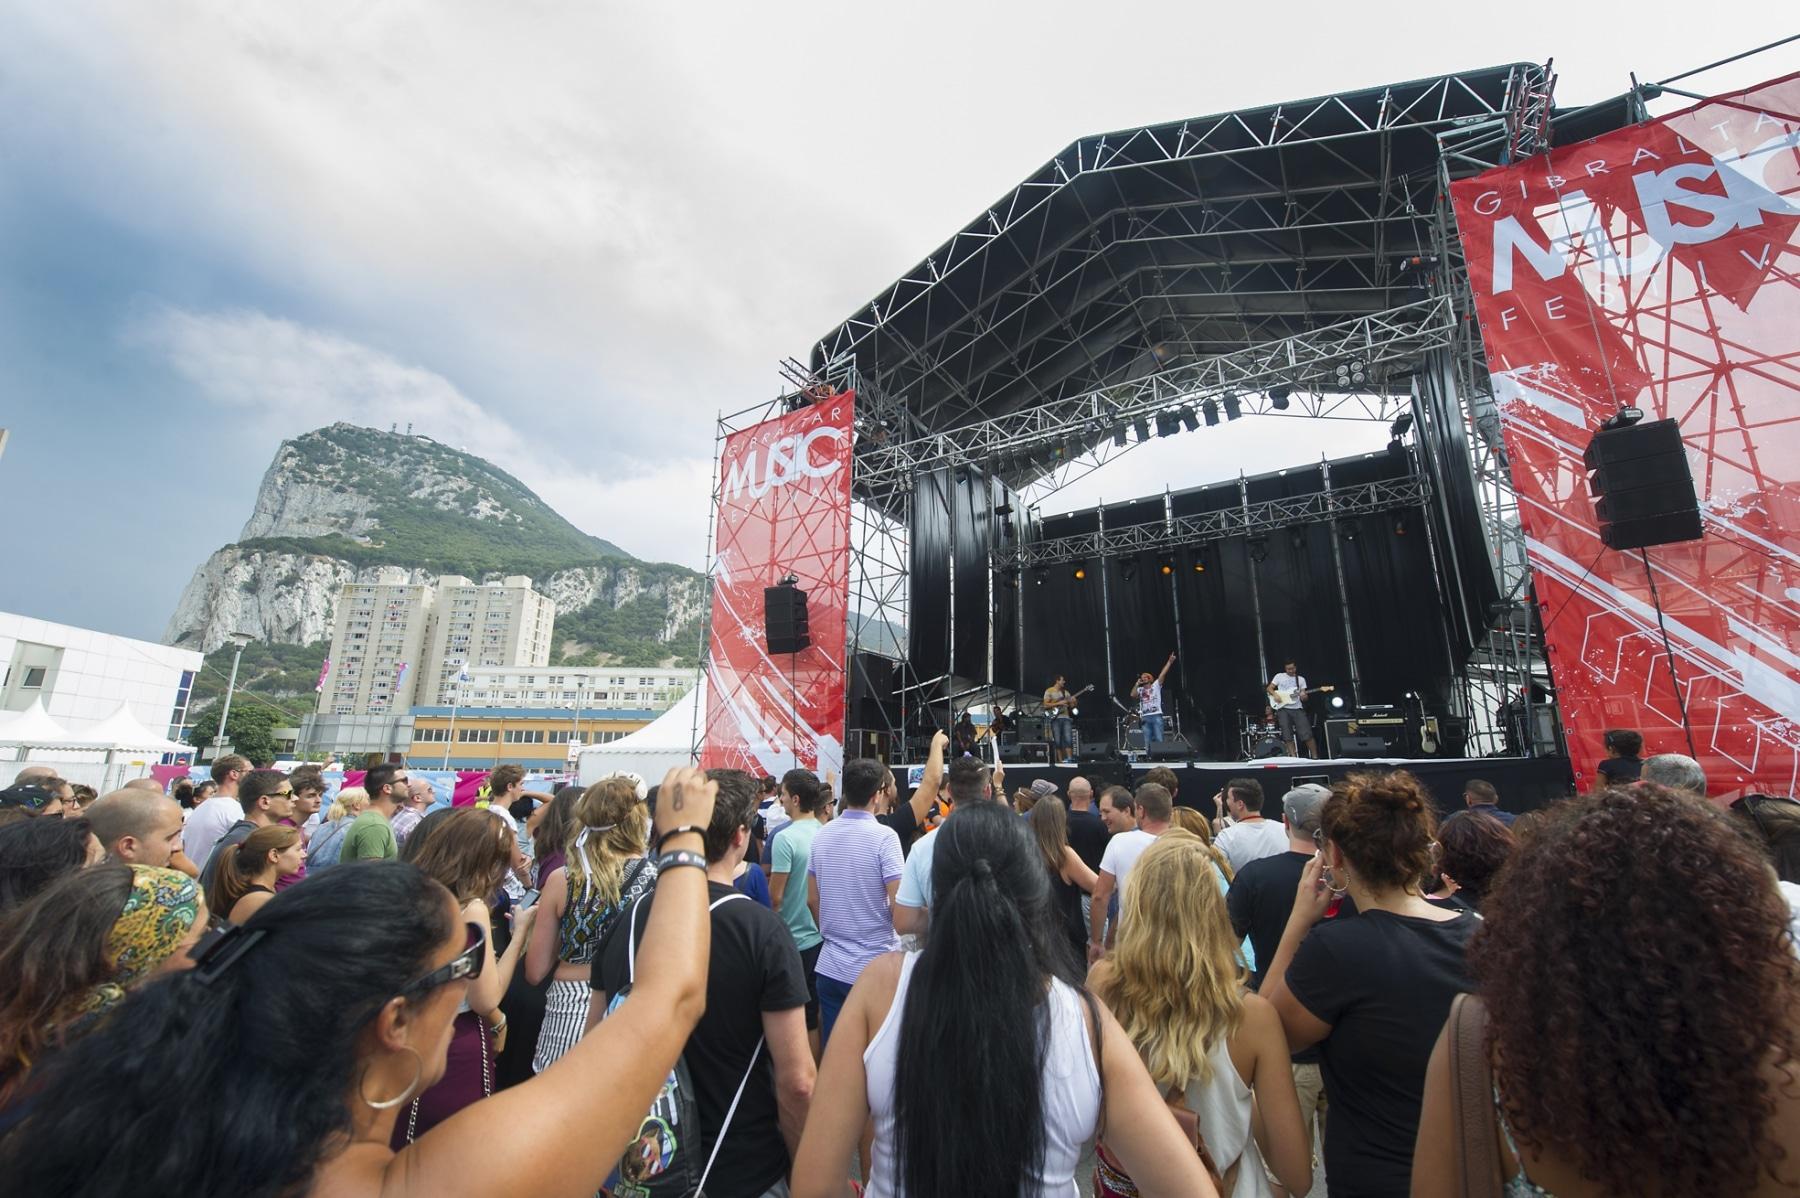 gibraltar-music-festival-2013-publico-y-ambiente_9699837491_o